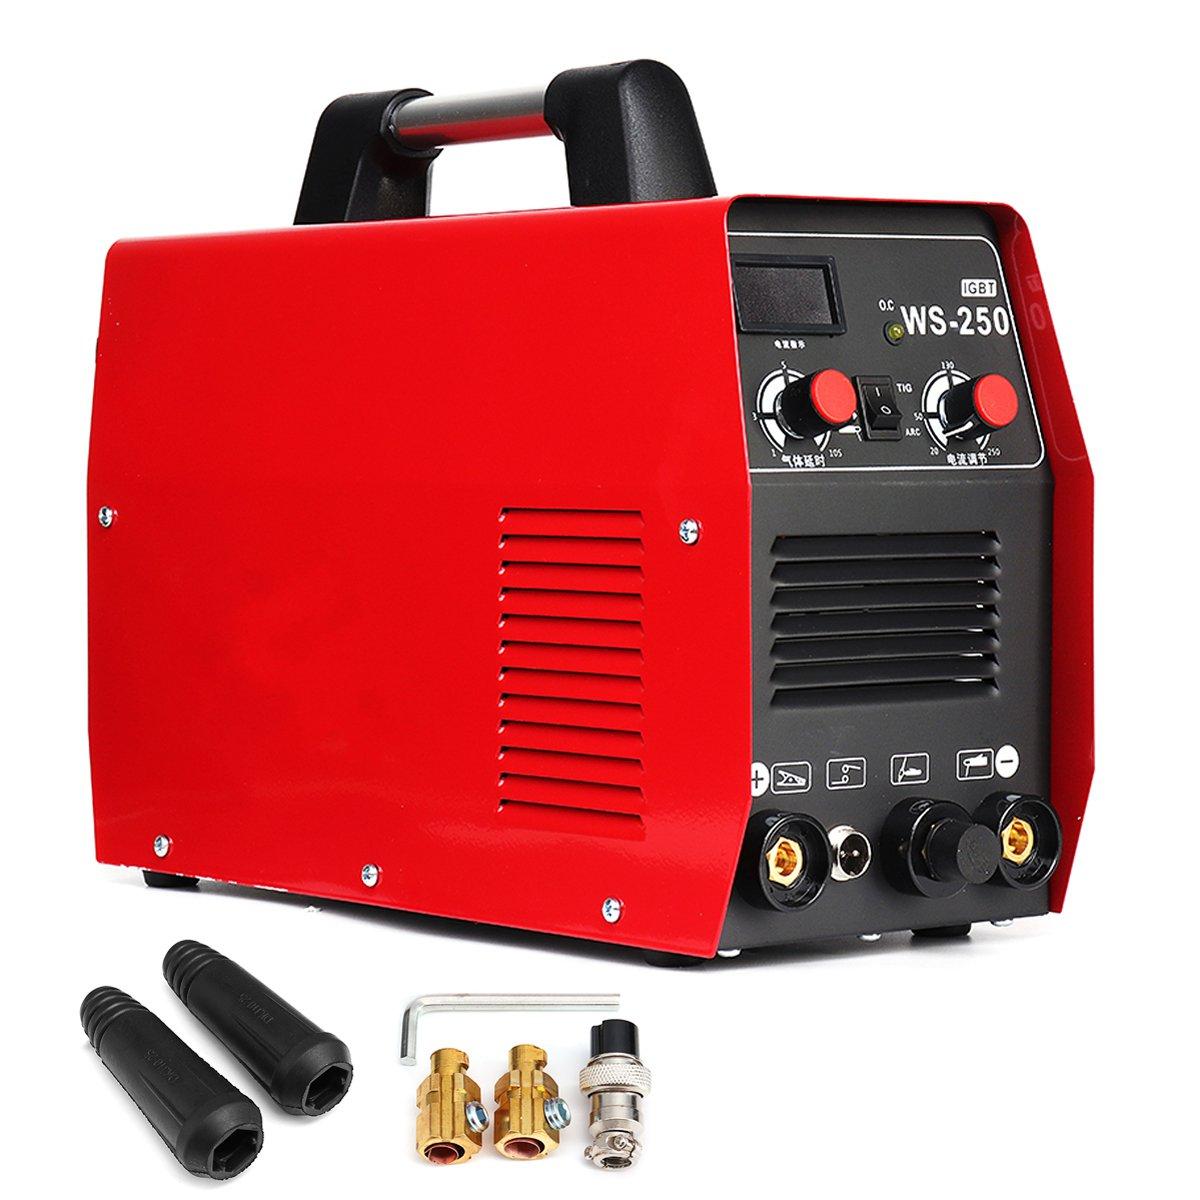 2 dans 1 220 v 250A MMA IGBT Bâton Soudeur Onduleur Arc Électrique Machine De Soudage pour le Soudage de Travail et Électrique de travail